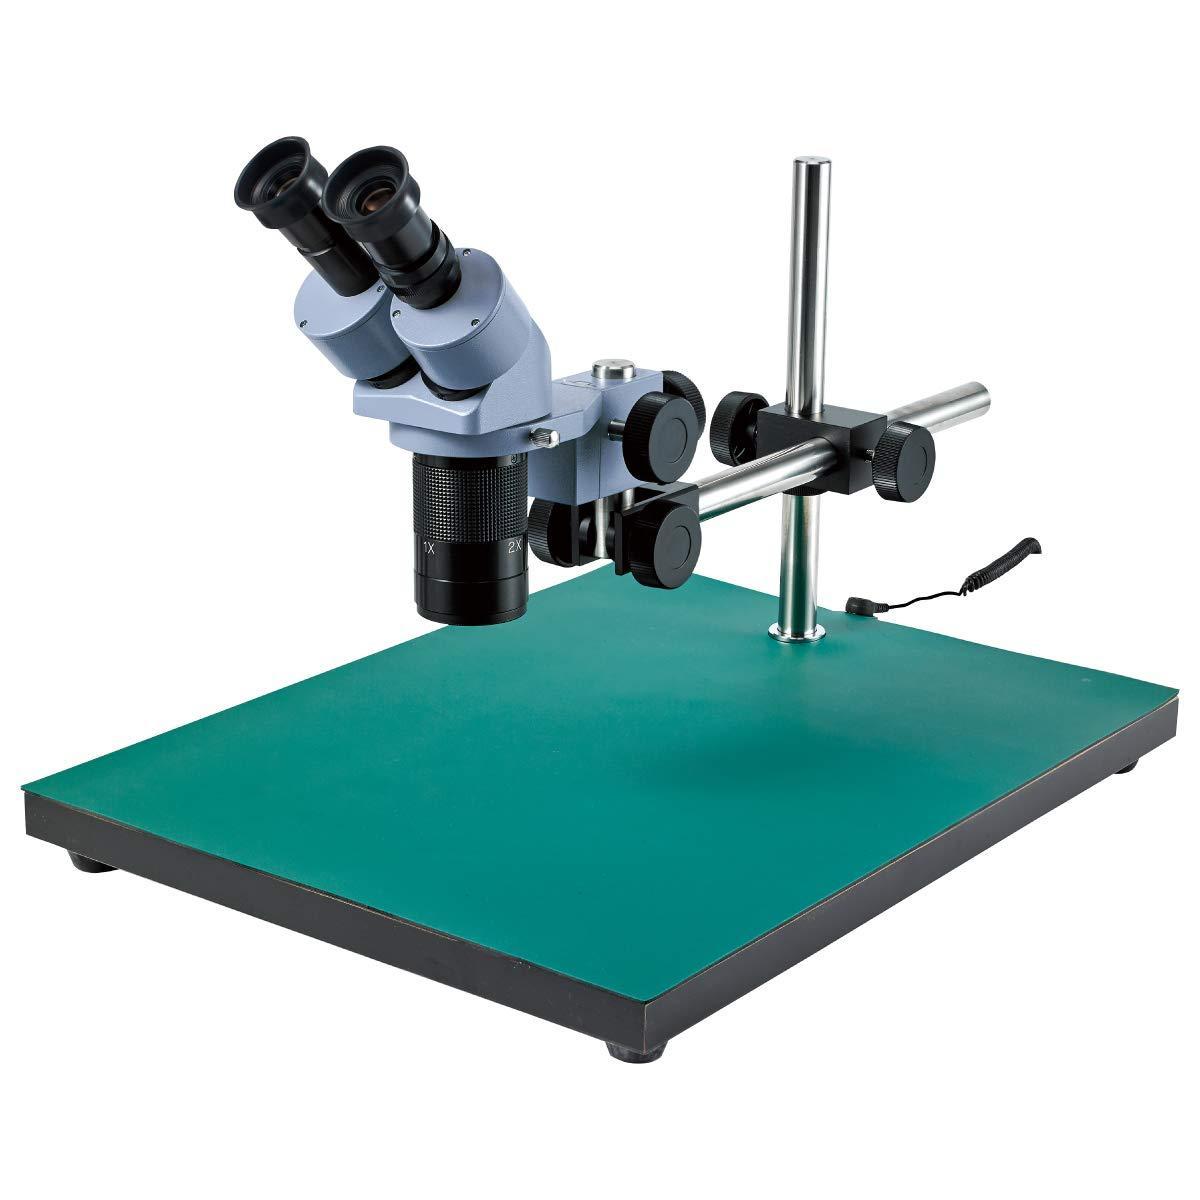 HOZAN L-KIT537 実体顕微鏡 (L-KIT537)【smtb-s】